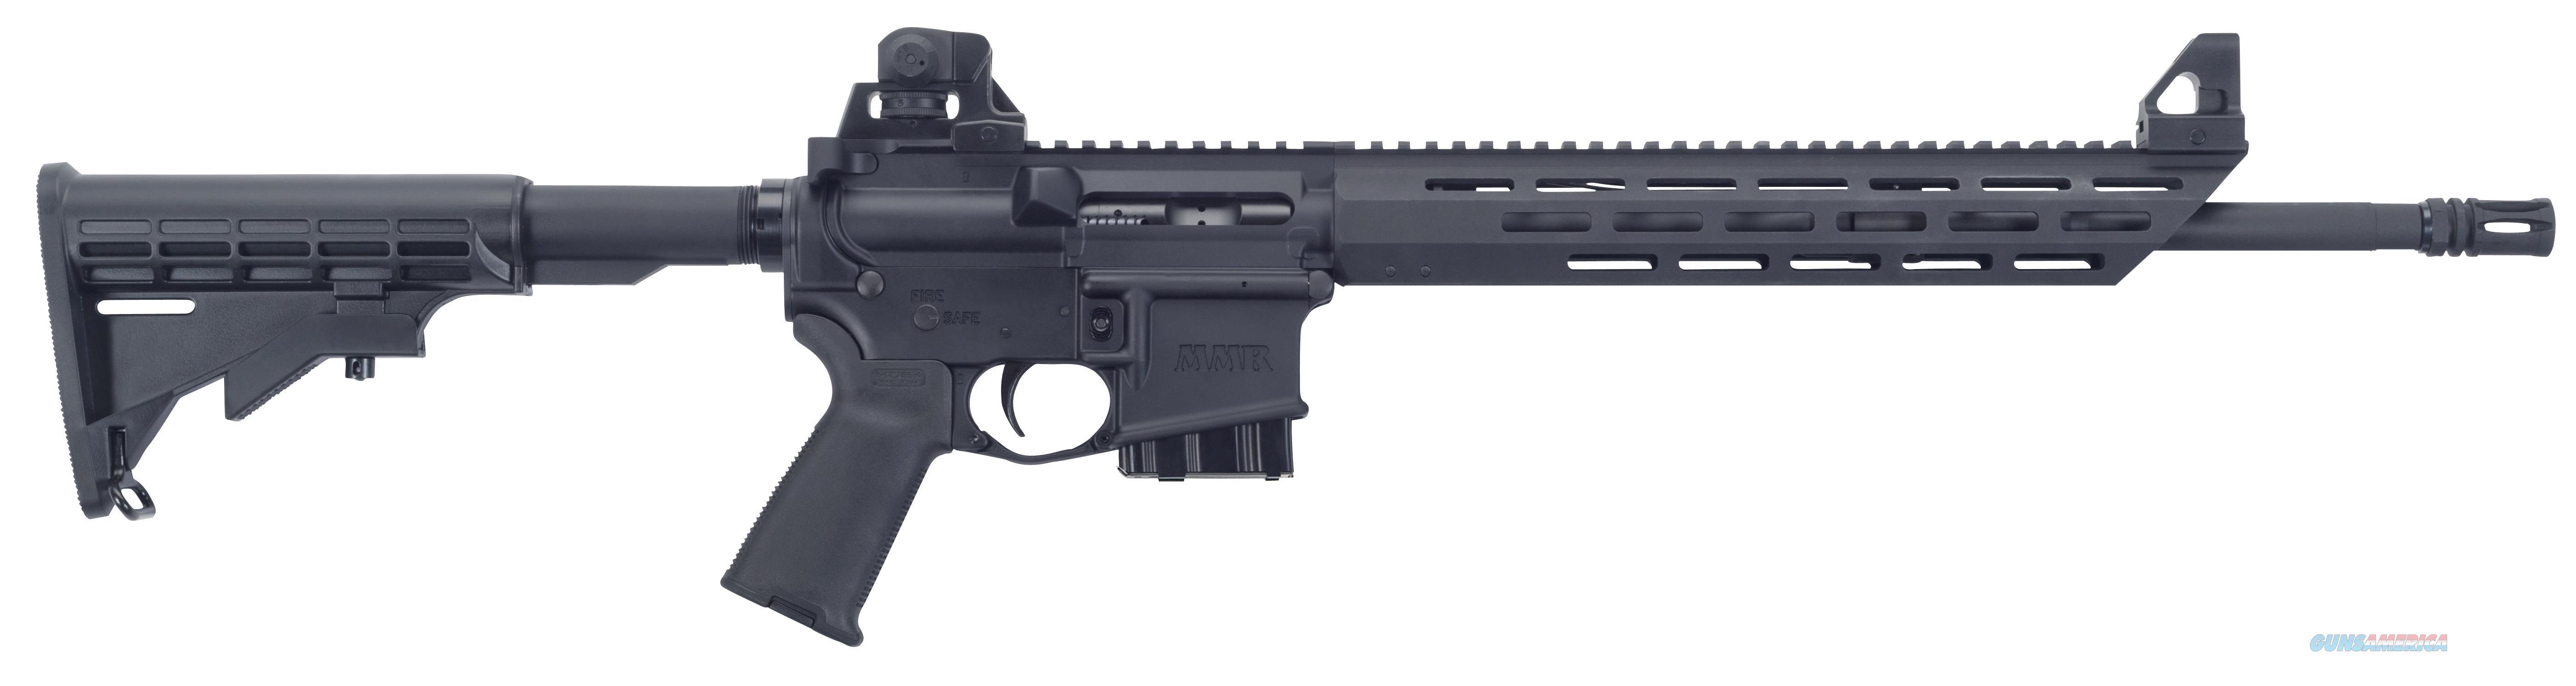 Mossberg Mmr 5.56 16.25 13 Fft Fixed Brk 10Rd 65075  Guns > Rifles > MN Misc Rifles